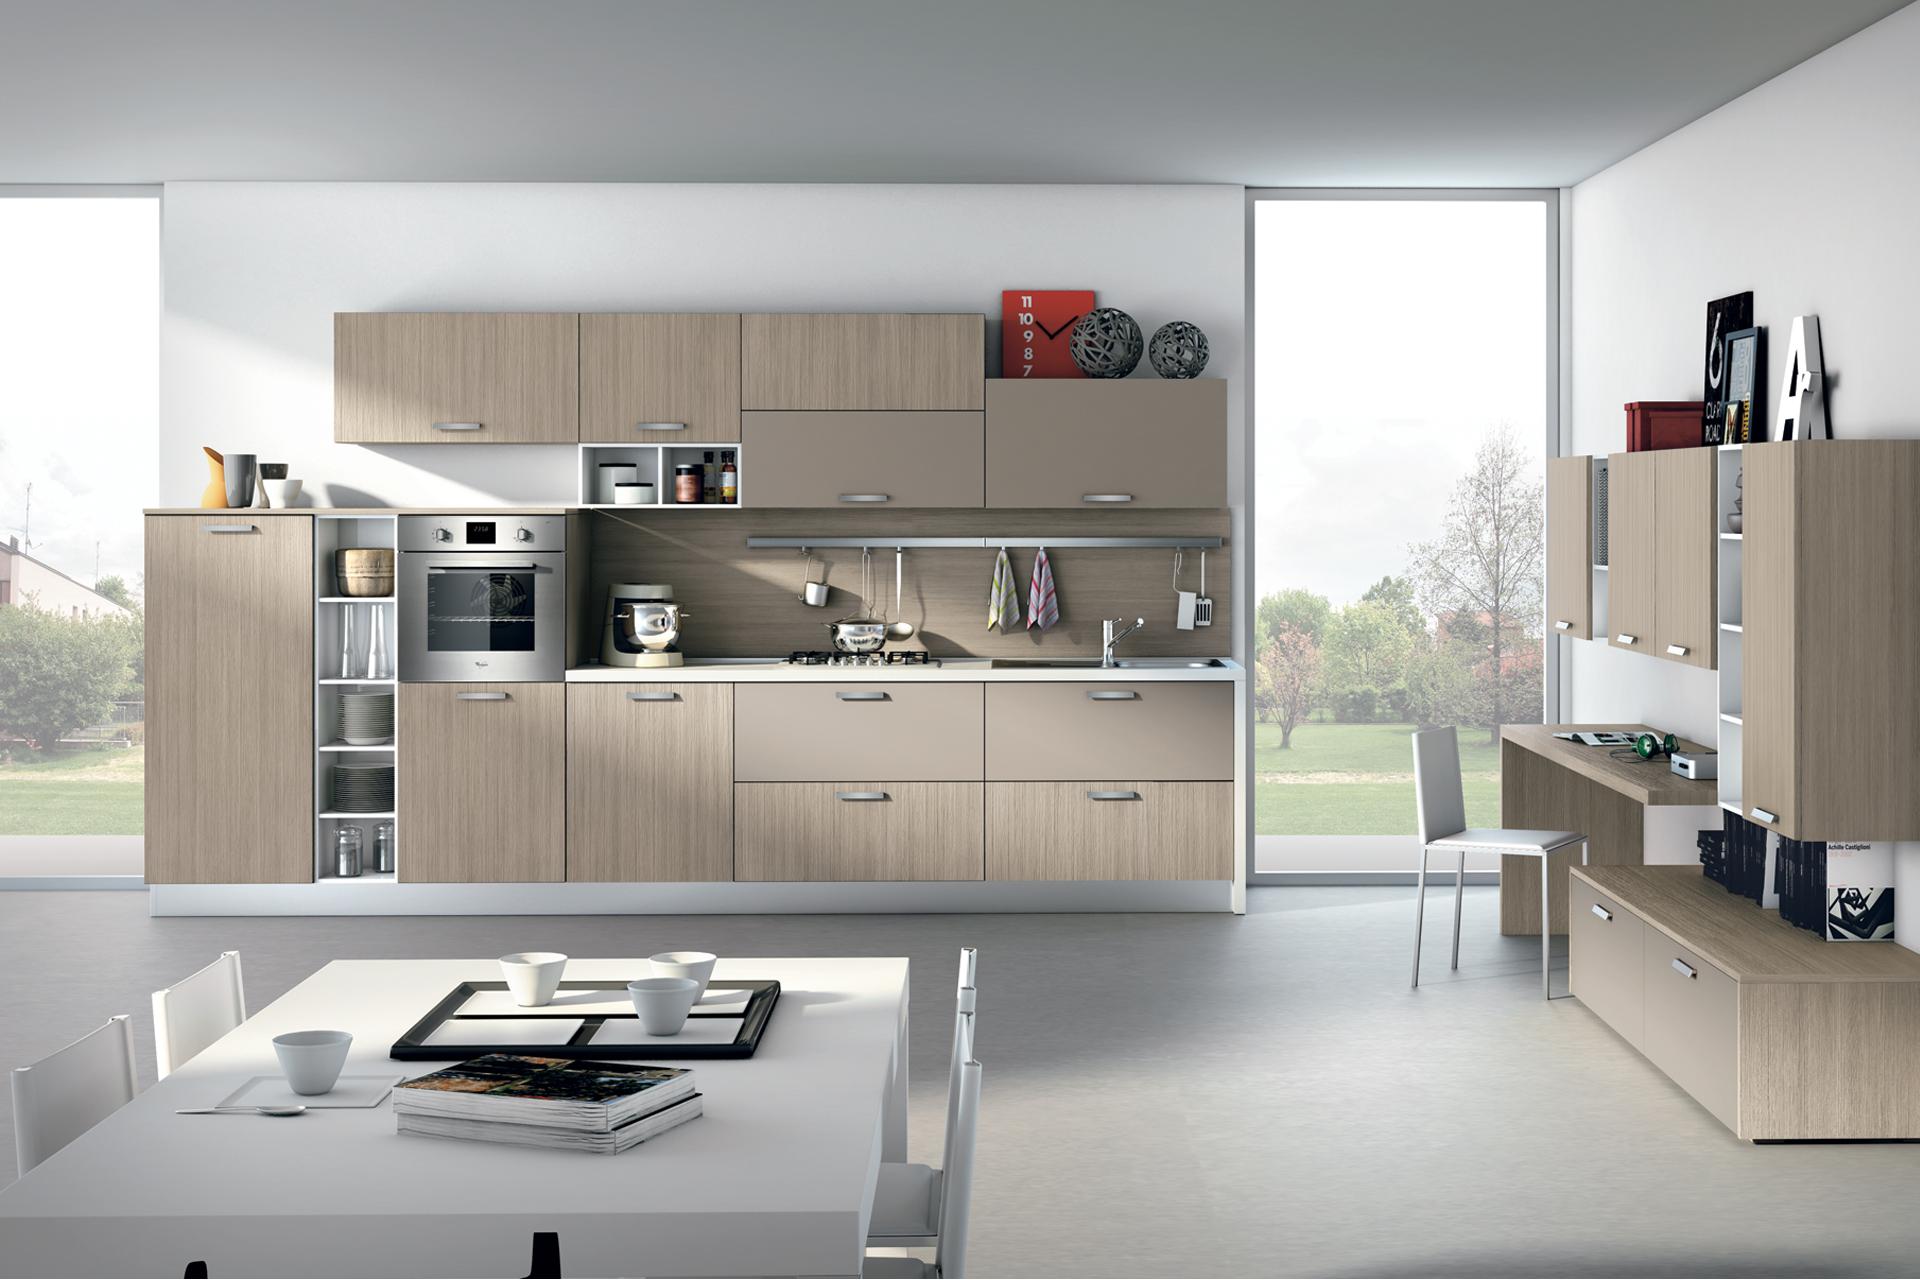 negozi cucine padova cucine with negozi cucine padova